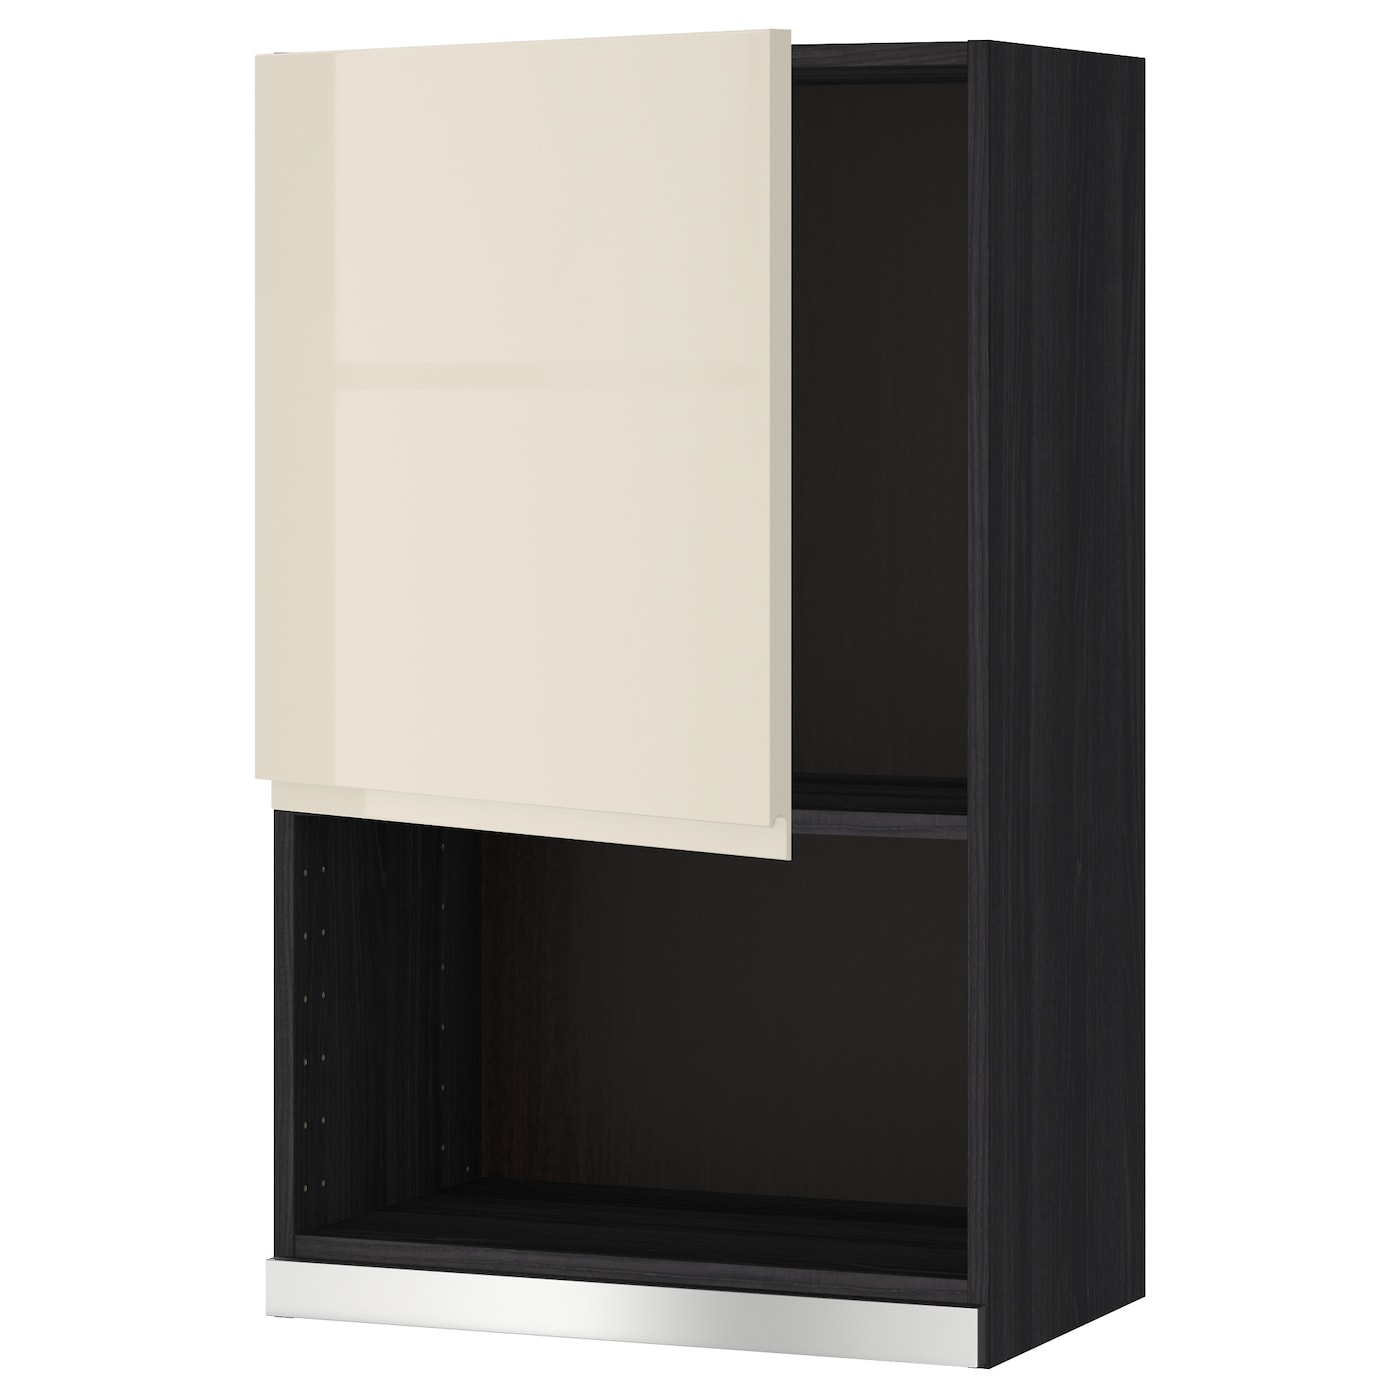 METOD | Küche und Esszimmer | Schwarz | IKEA